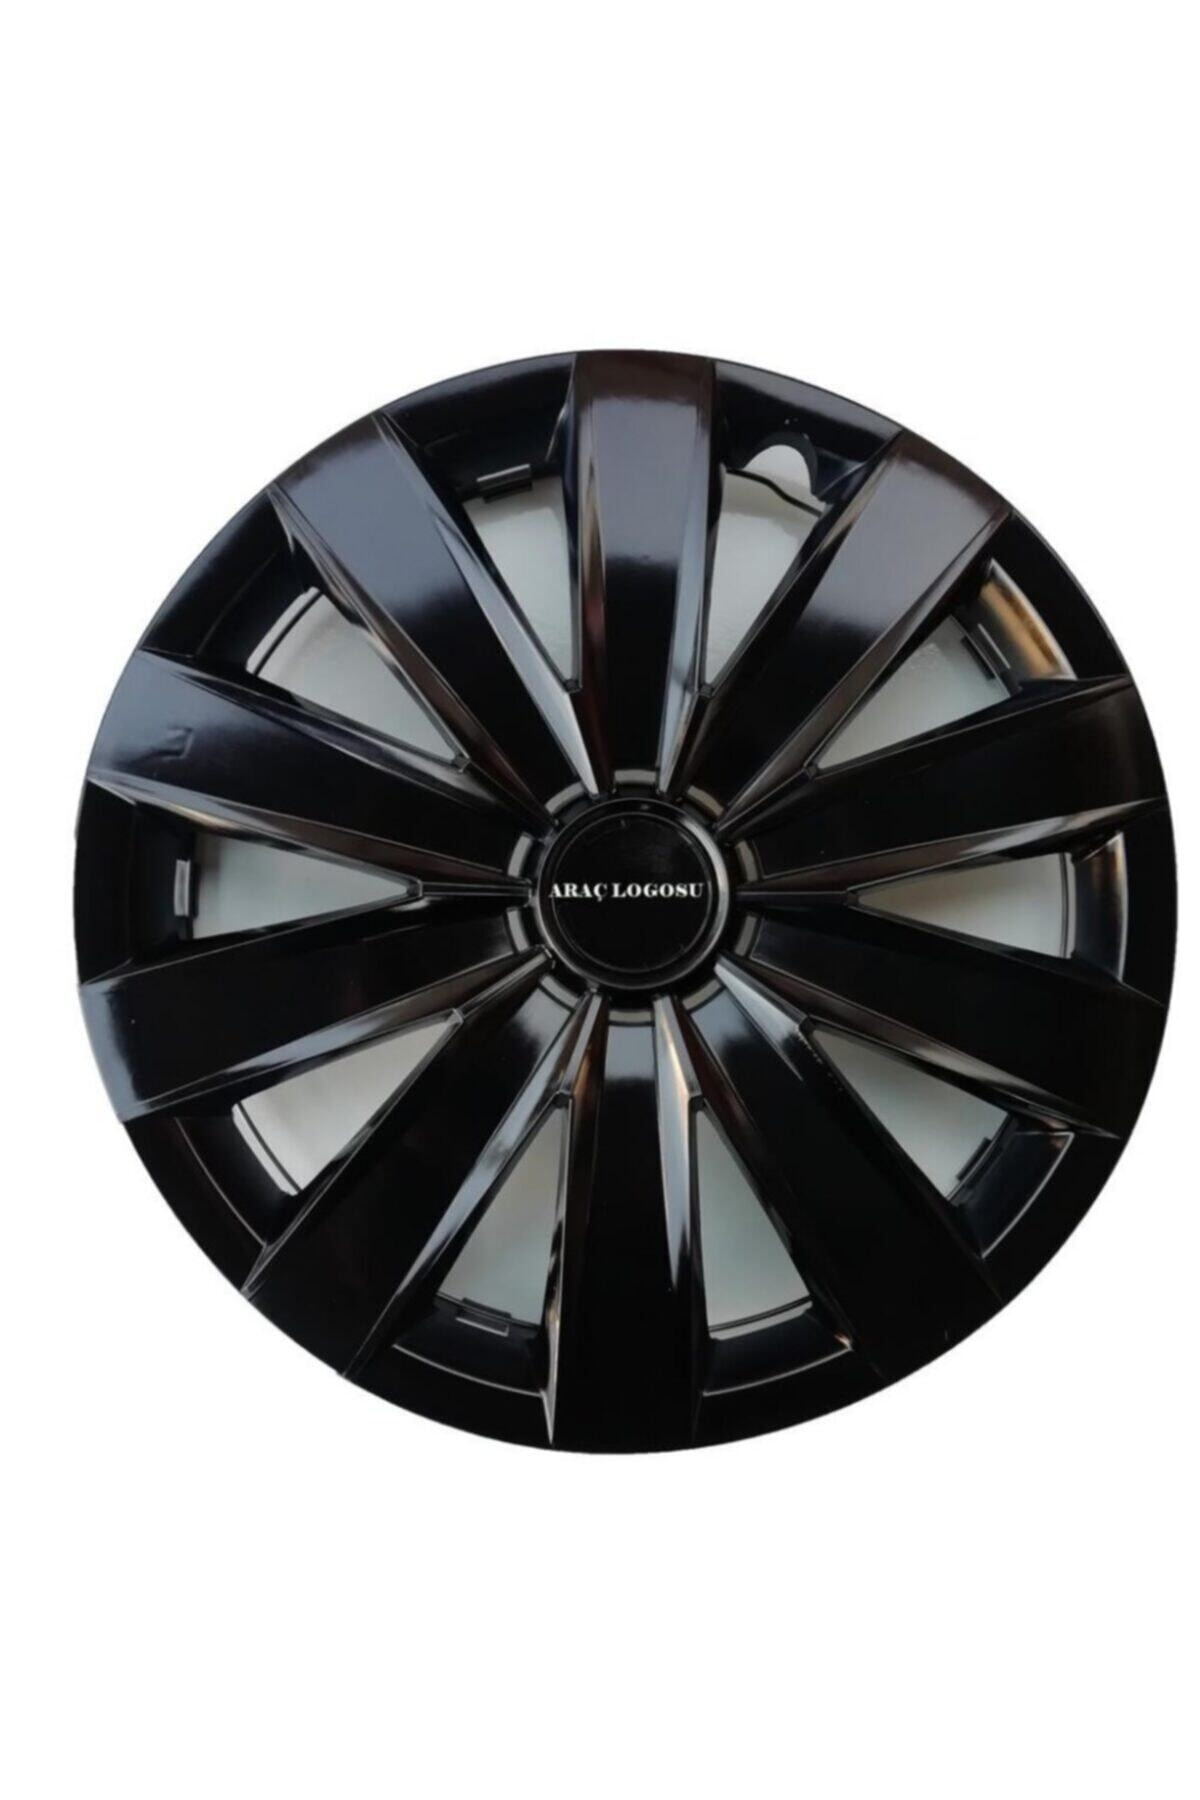 Sahlan Ford Taunus Uyumlu 14 Inc Piano Black Jant Kapagi Seti 4 Adet Fiyatlari Ozellikleri Ve Yorumlari En Ucuzu Akakce